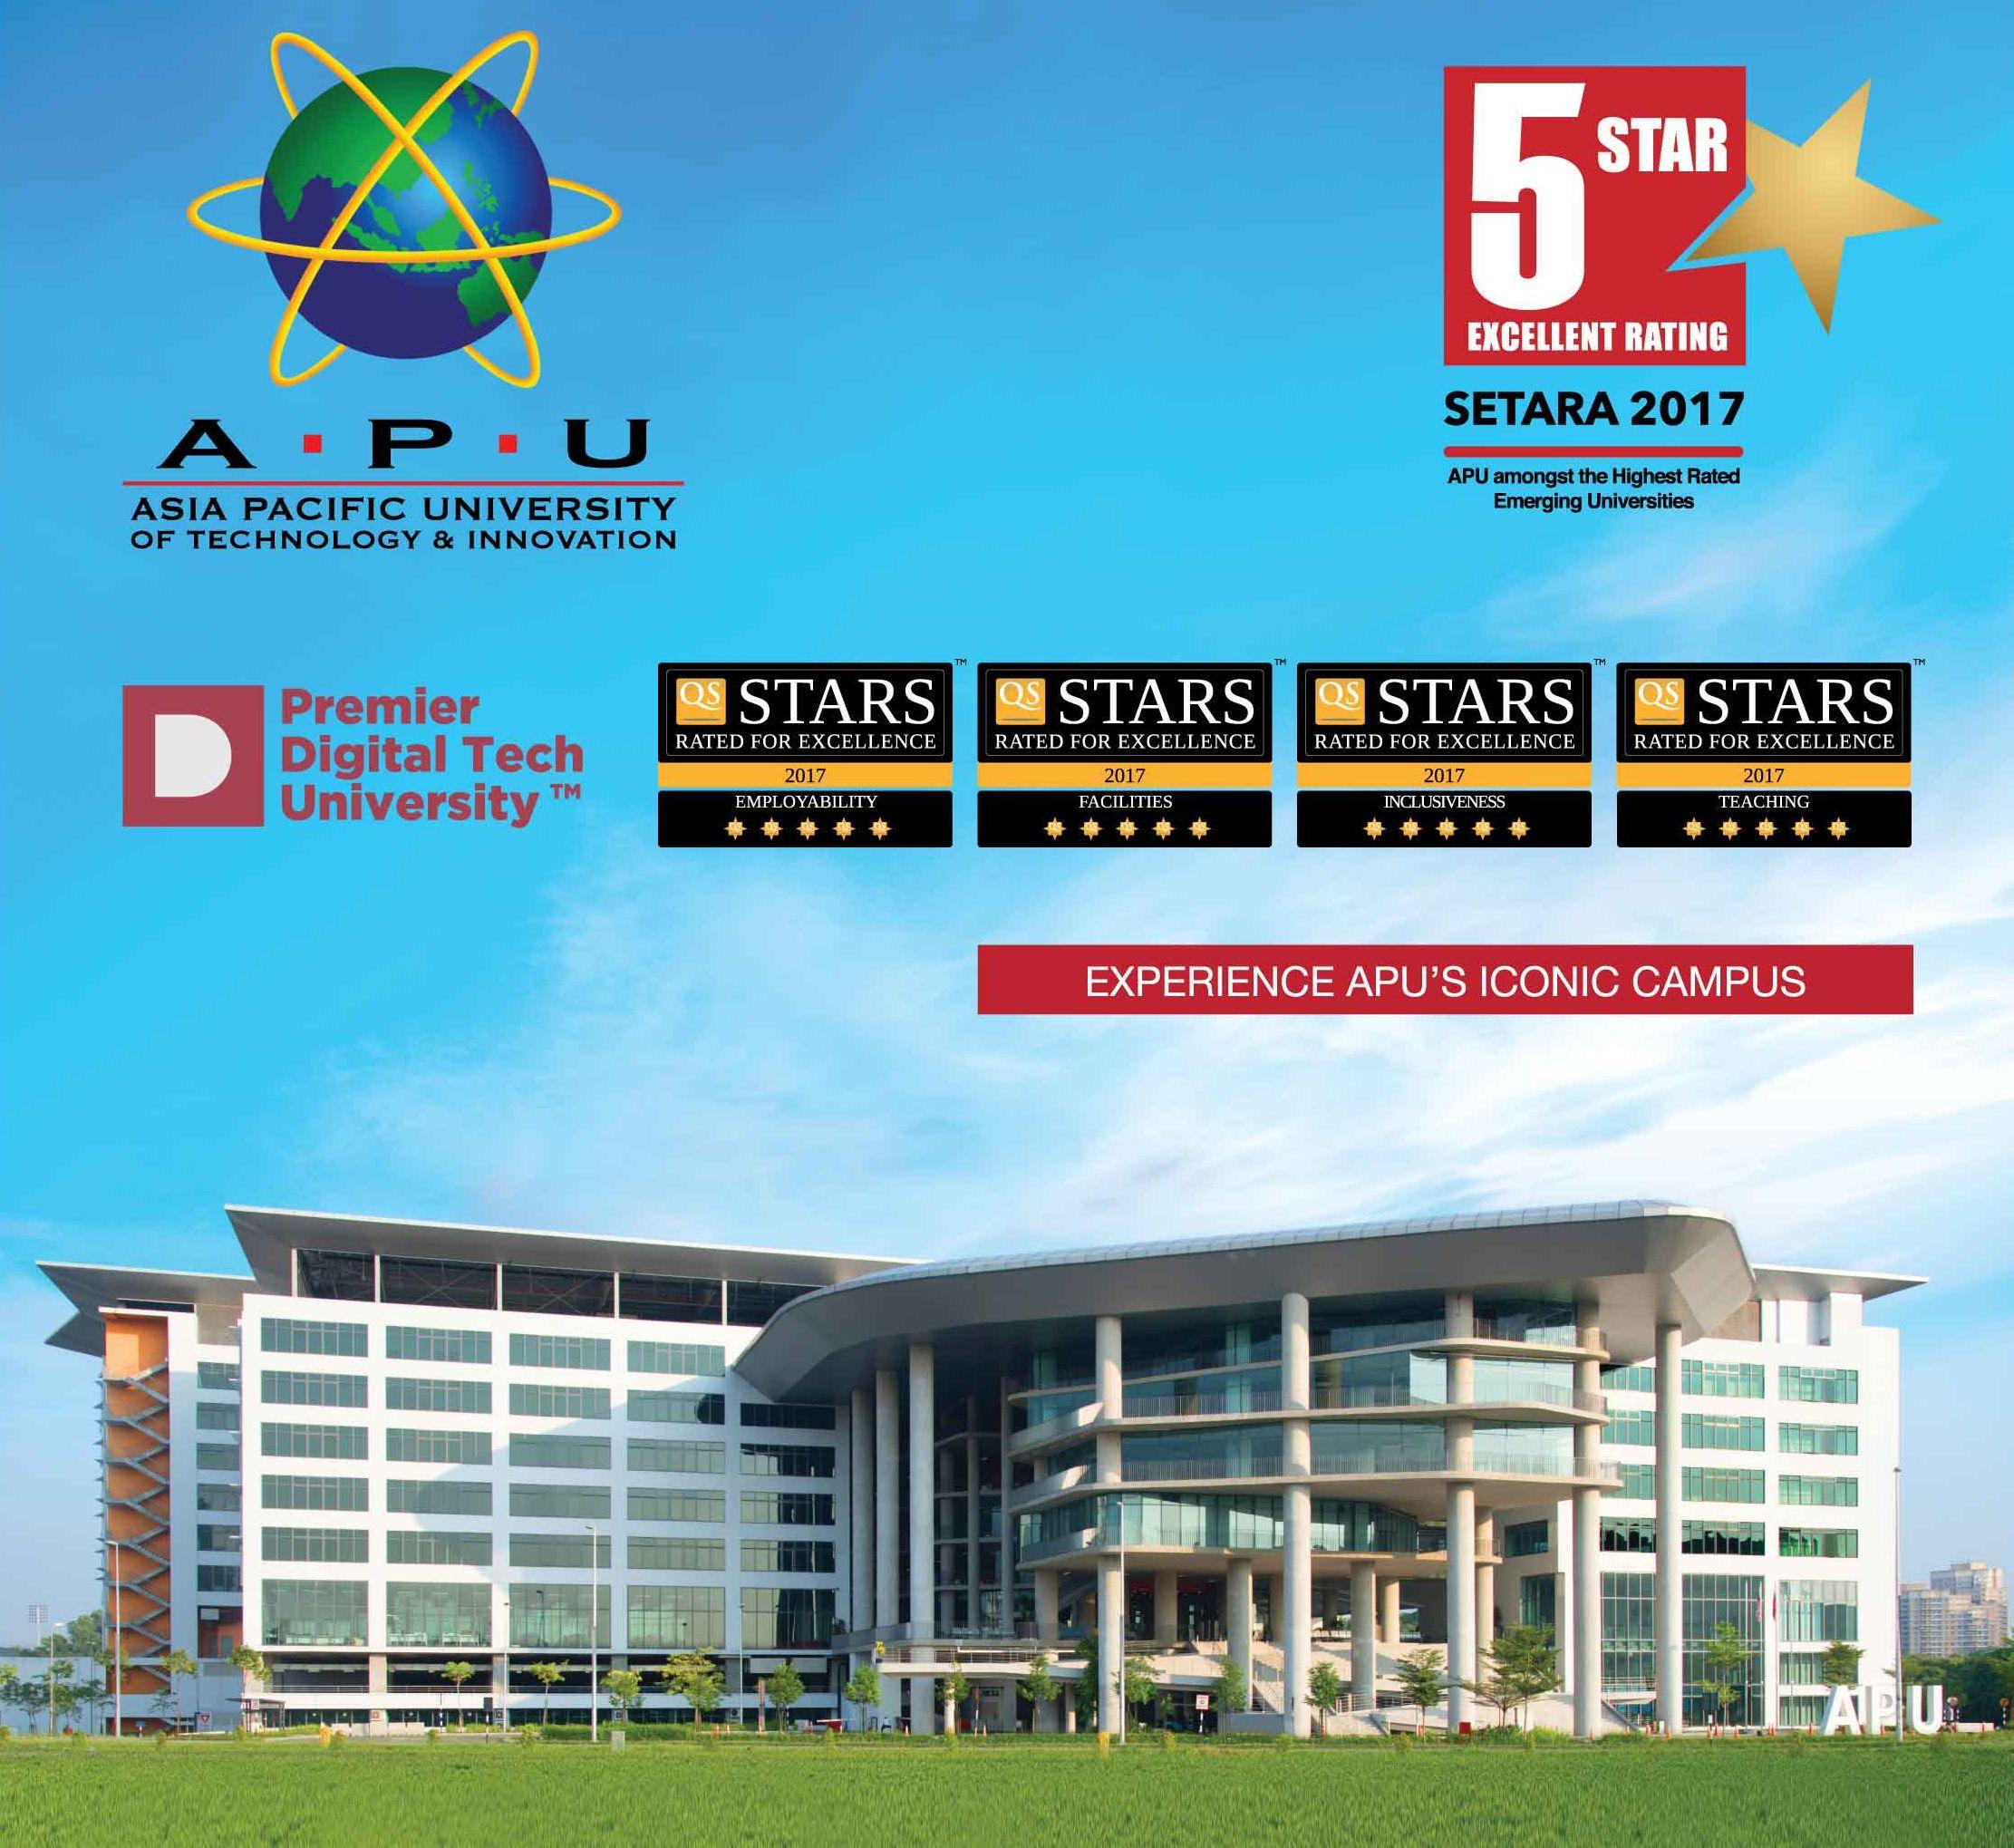 asia pacific university campus